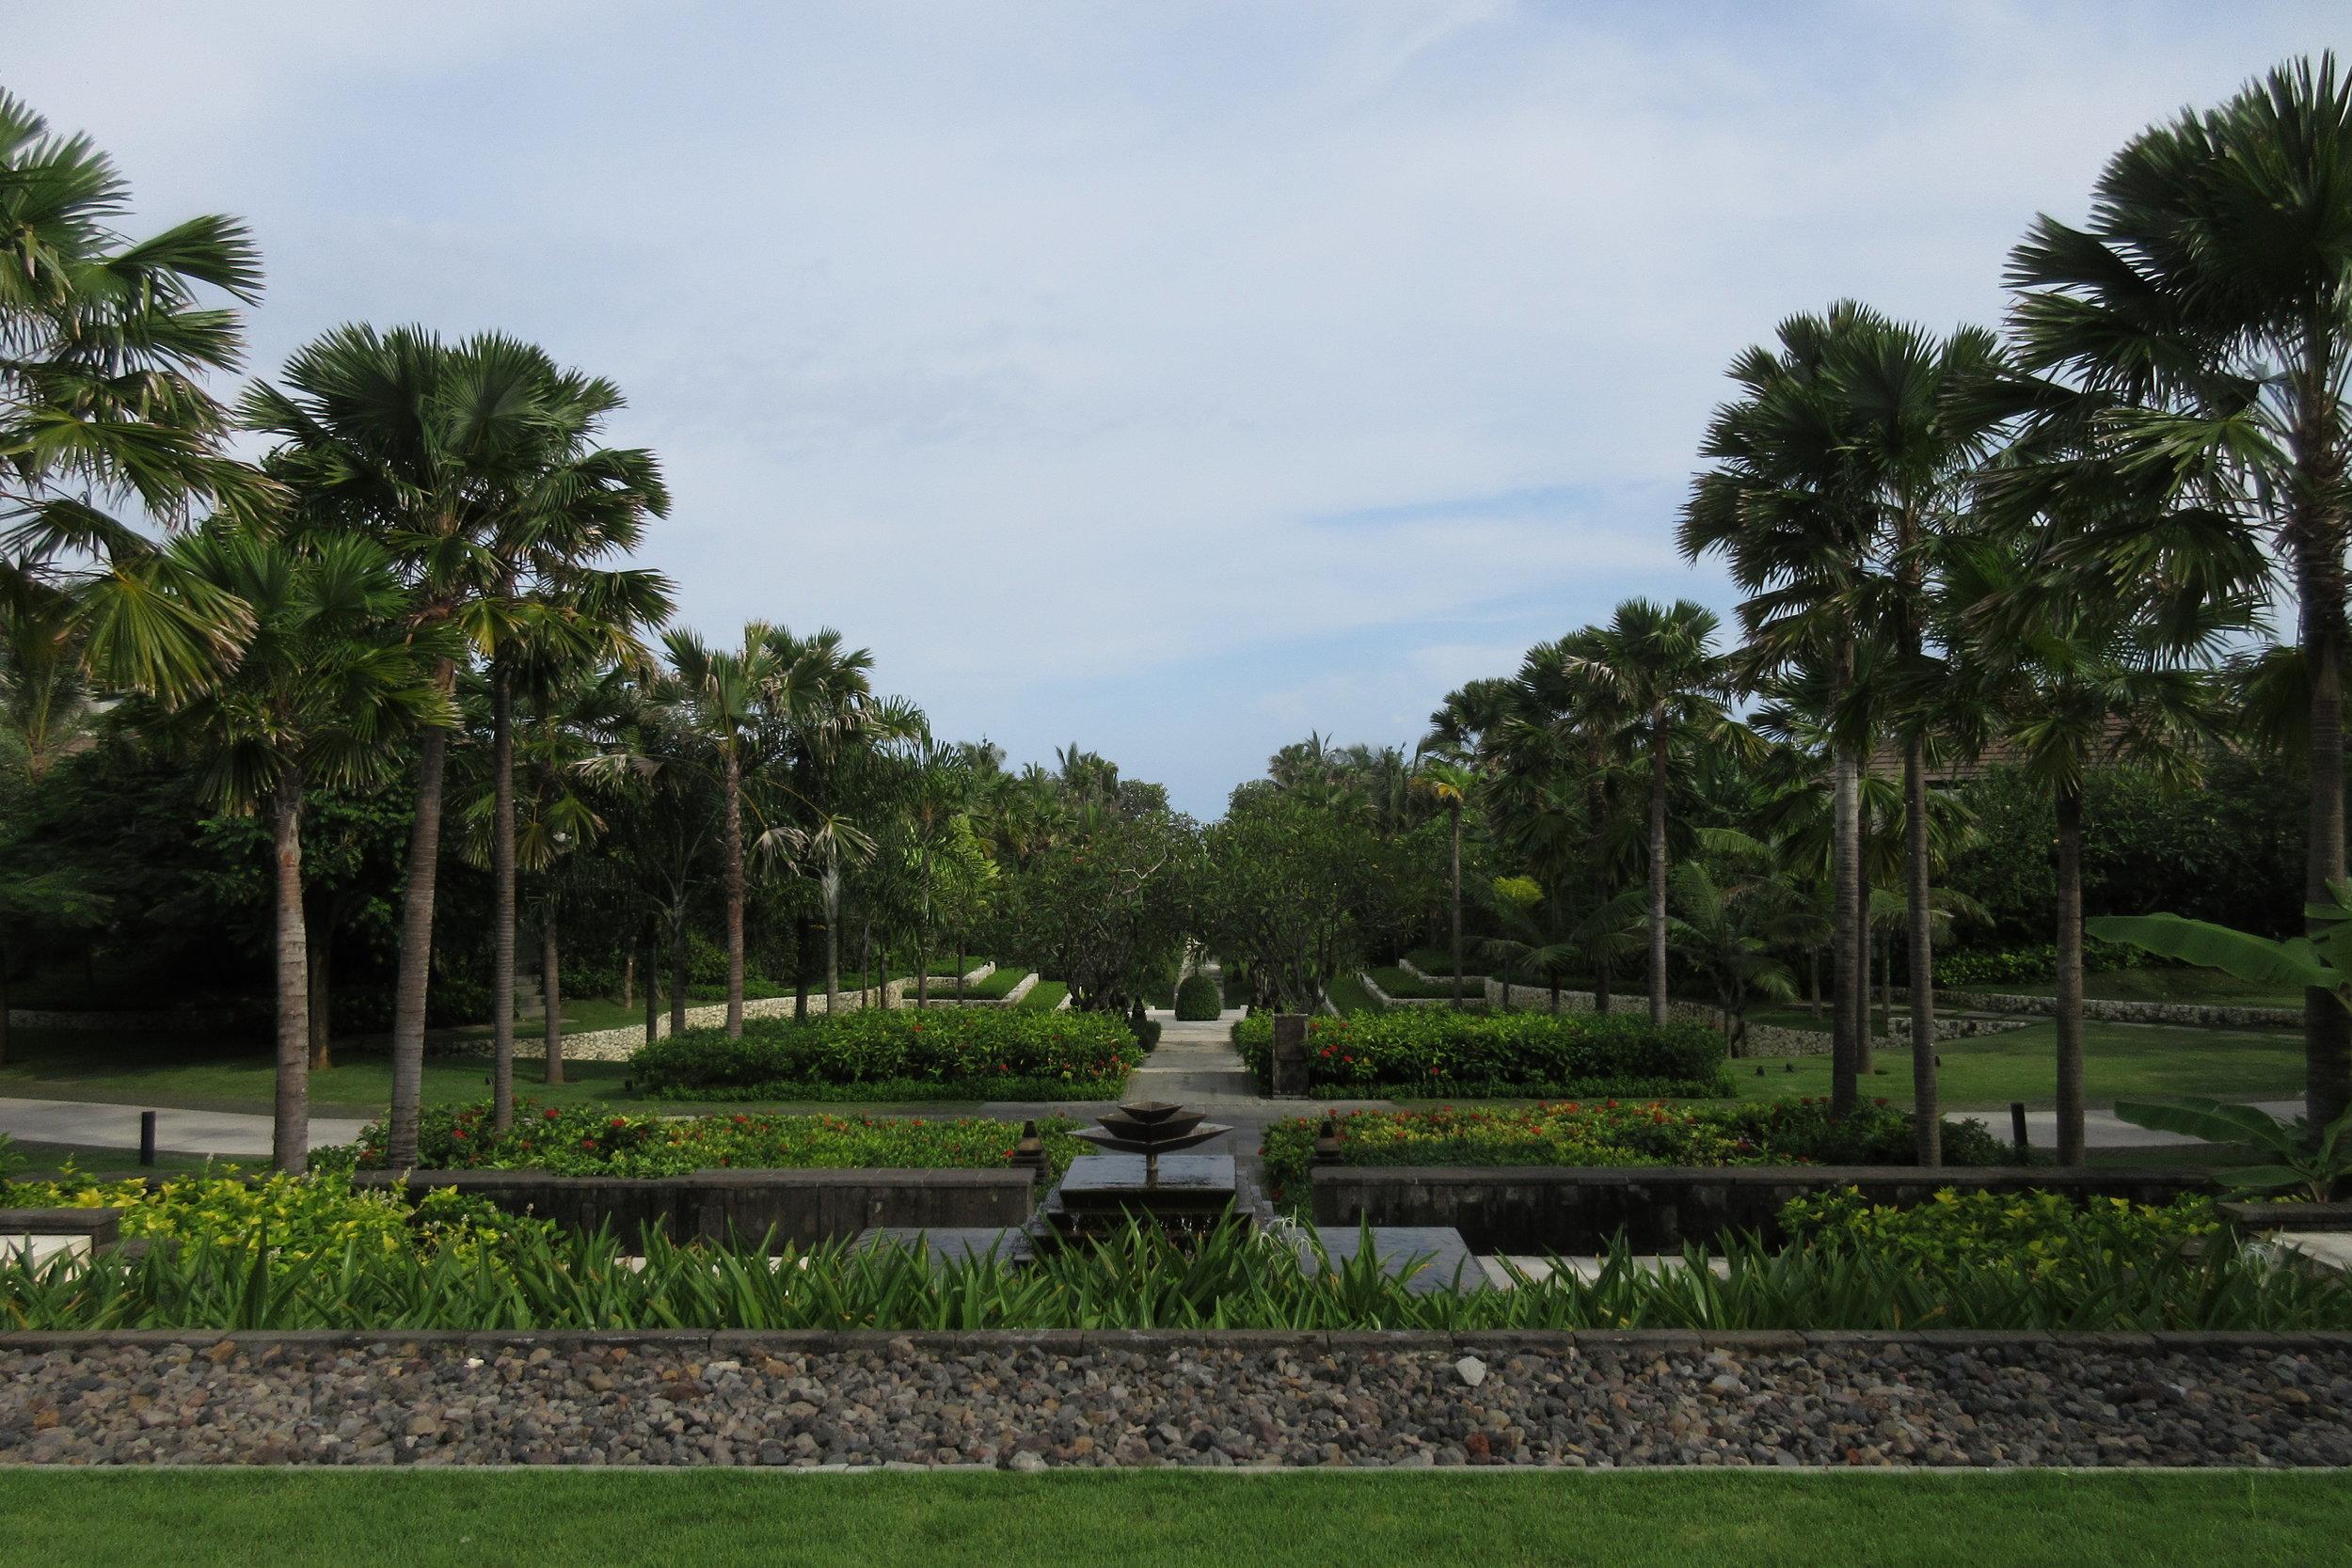 The Ritz-Carlton, Bali – Front lawns